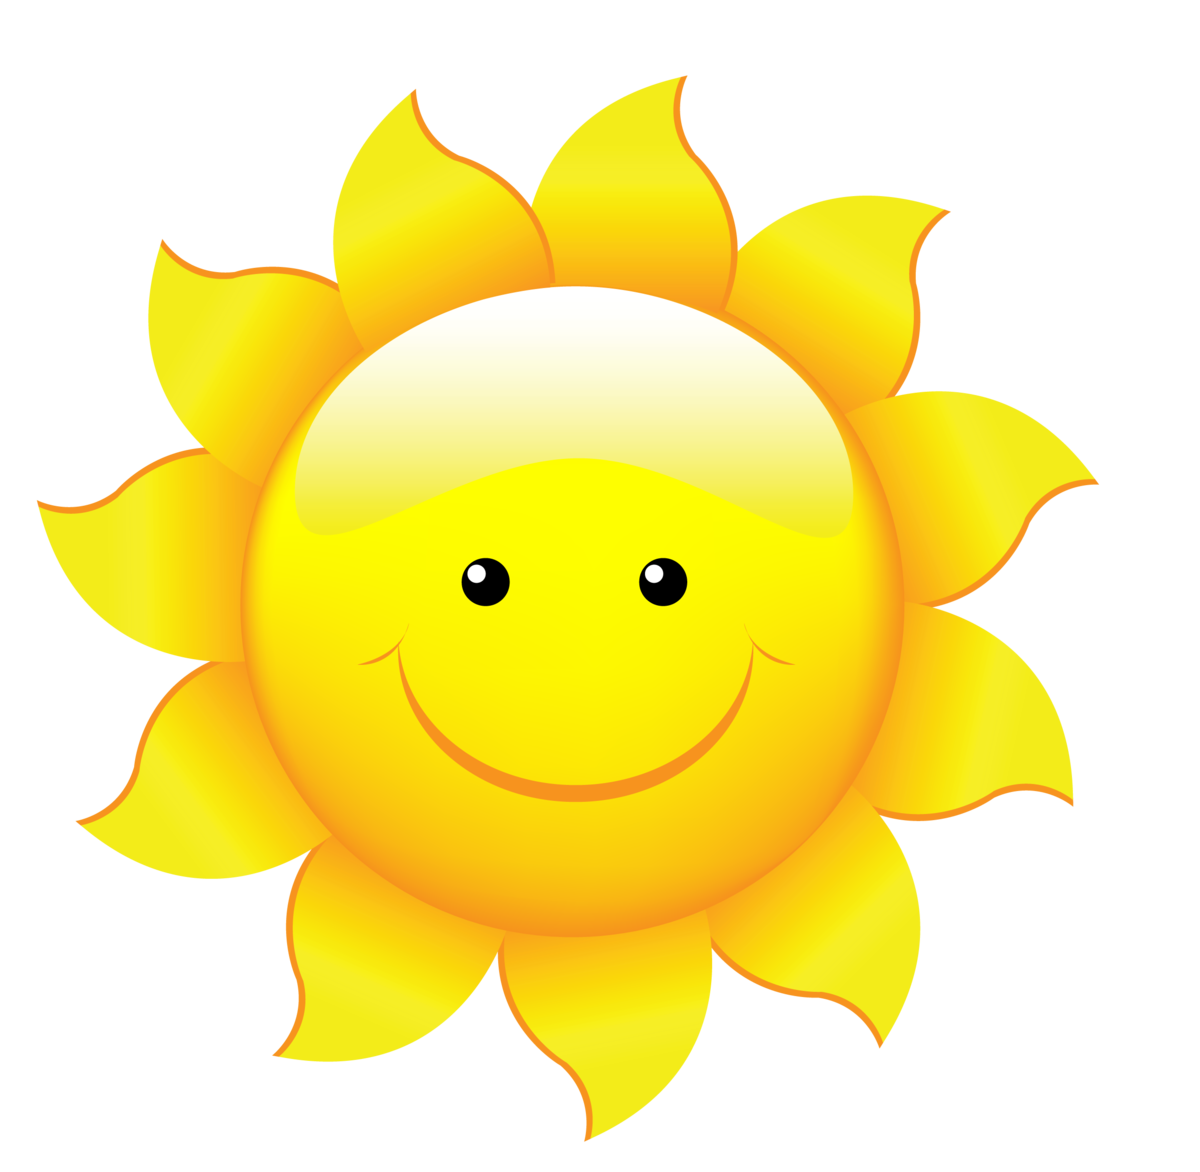 Маме, картинки с изображением солнца